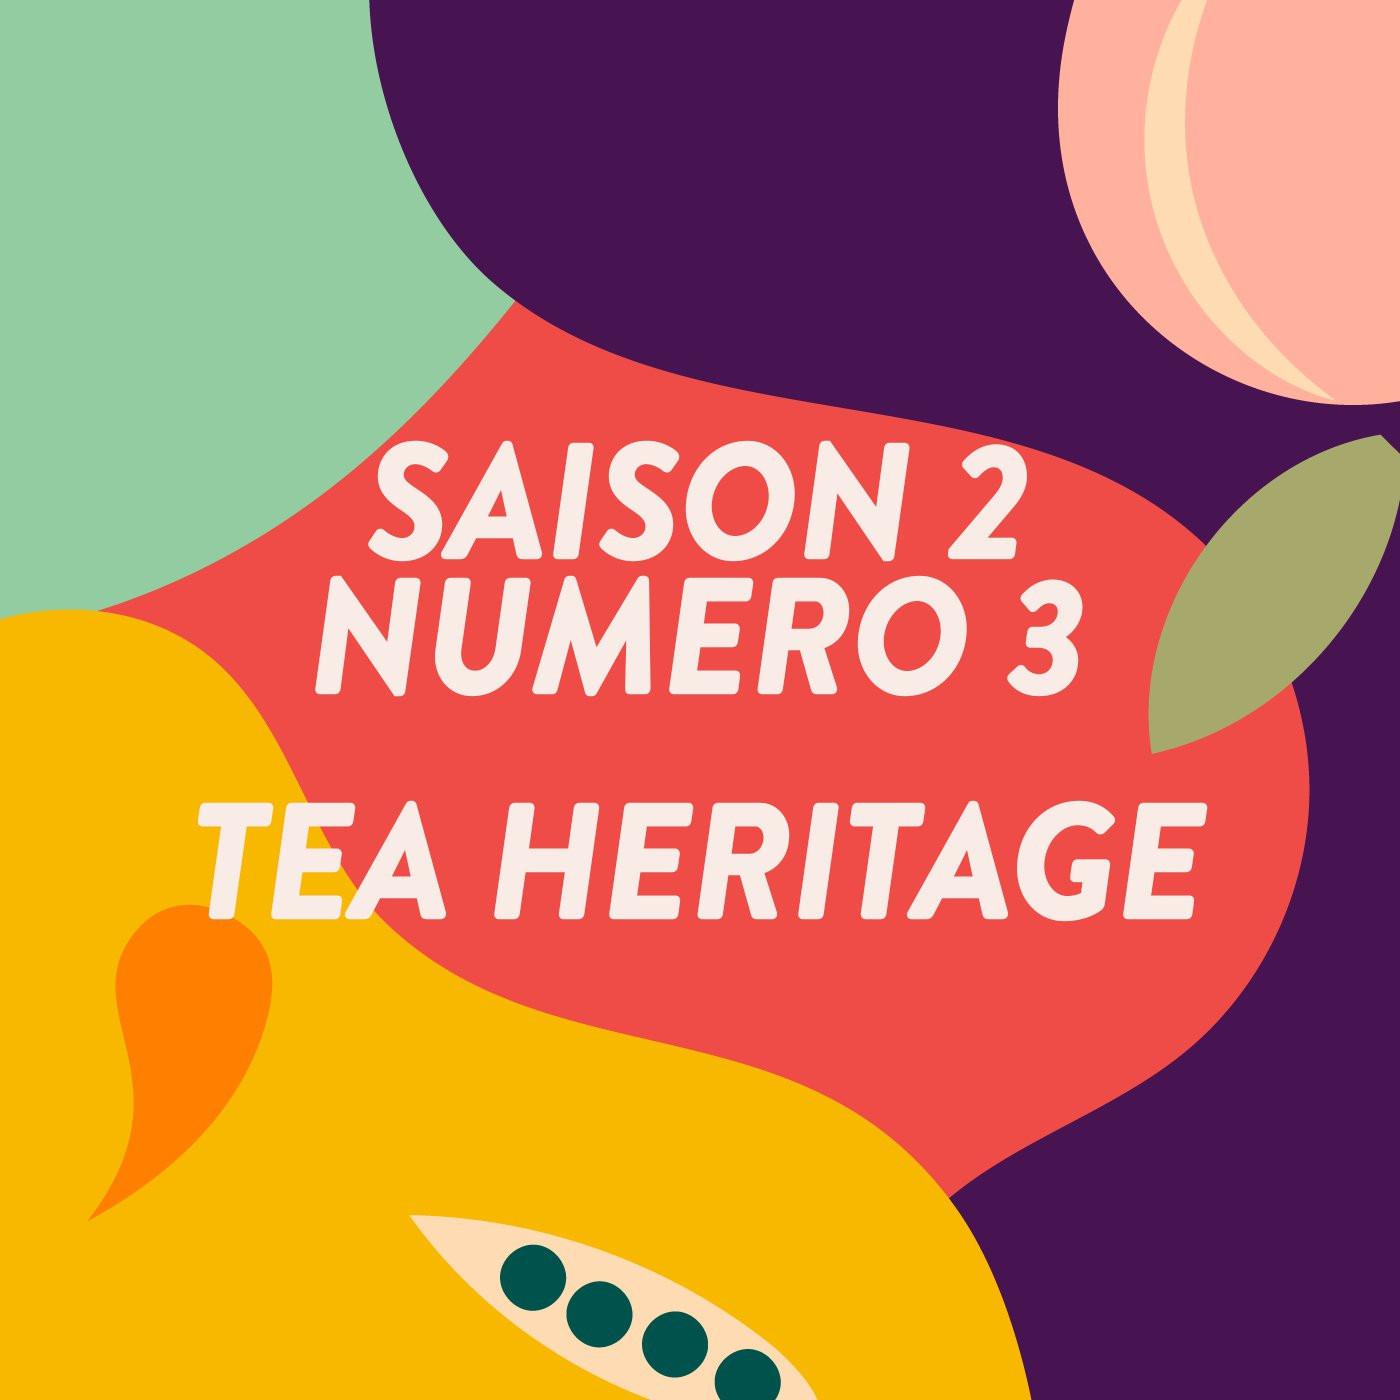 Tea Heritage / #3 S2